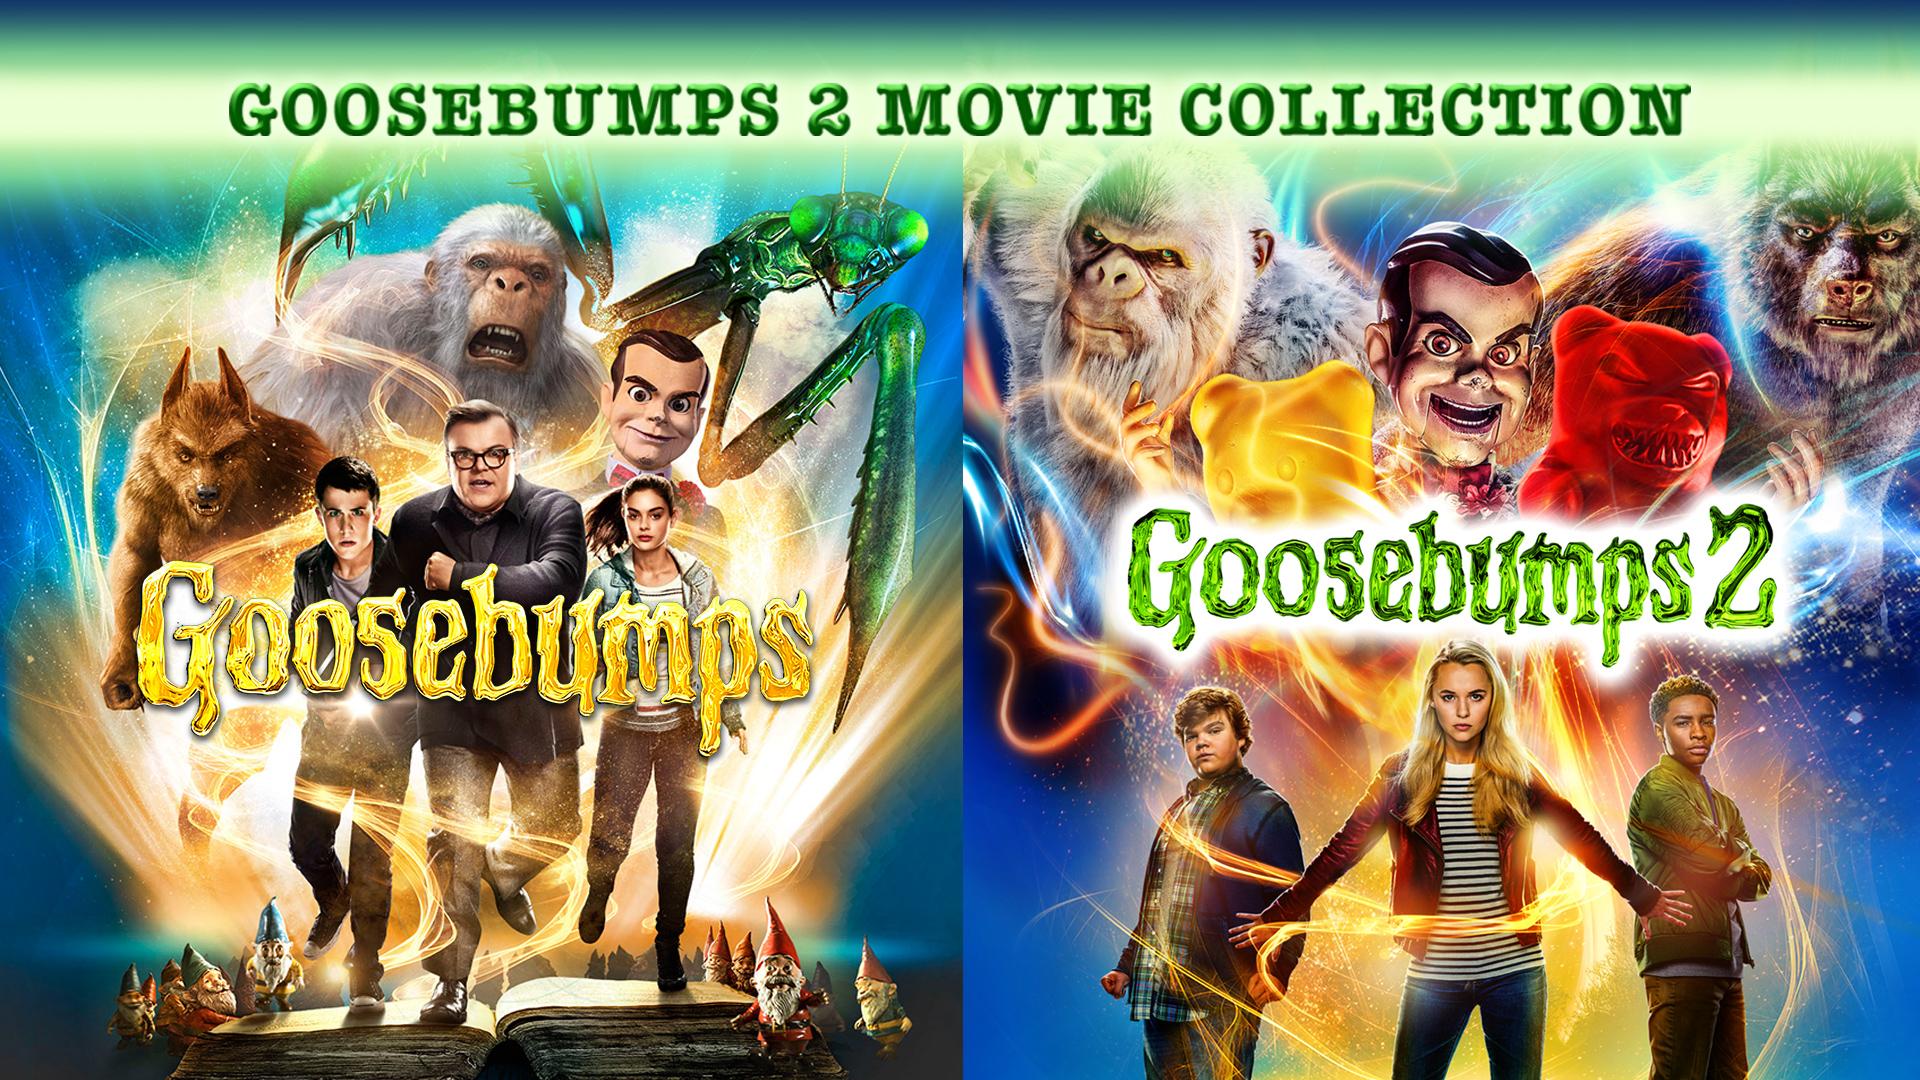 GOOSEBUMPS 2-MOVIE COLLECTION